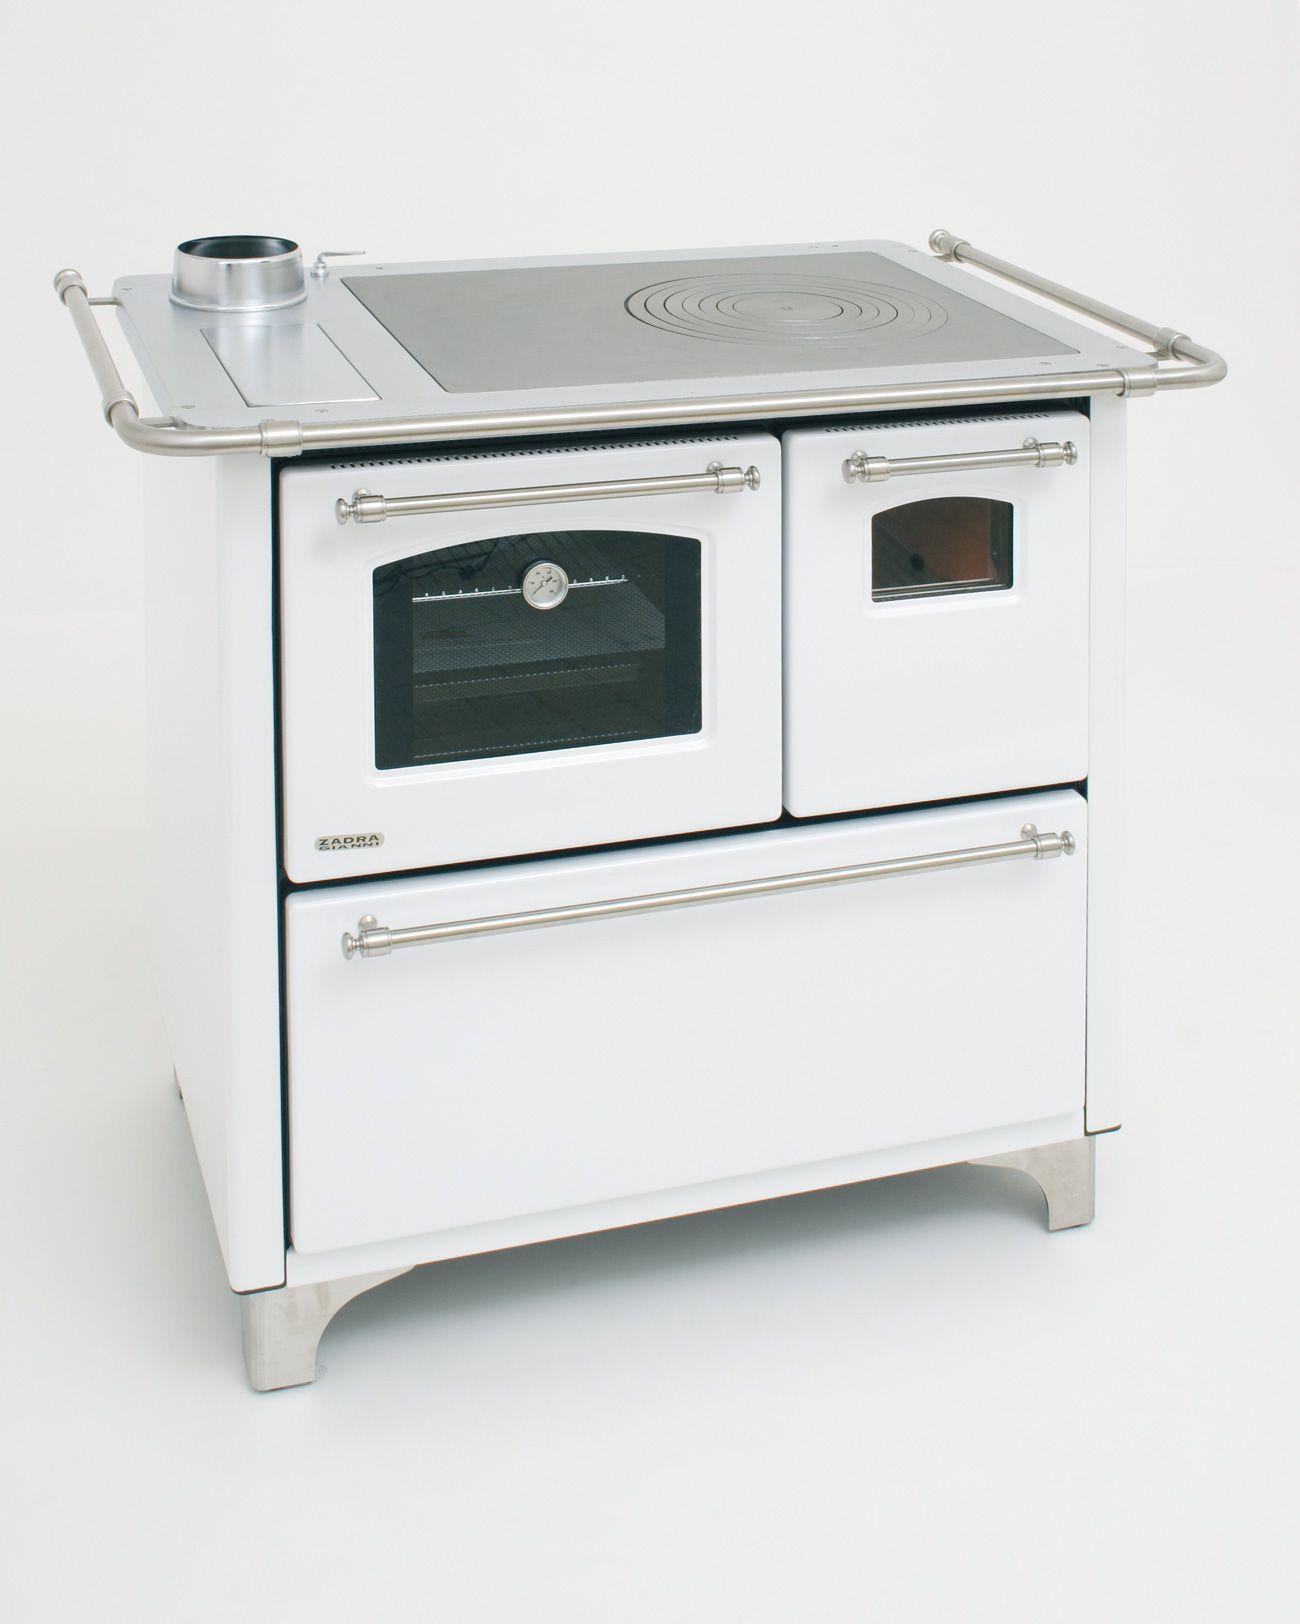 Cucina economica n 5 cucine stufe a legna e for Cucina economica a legna